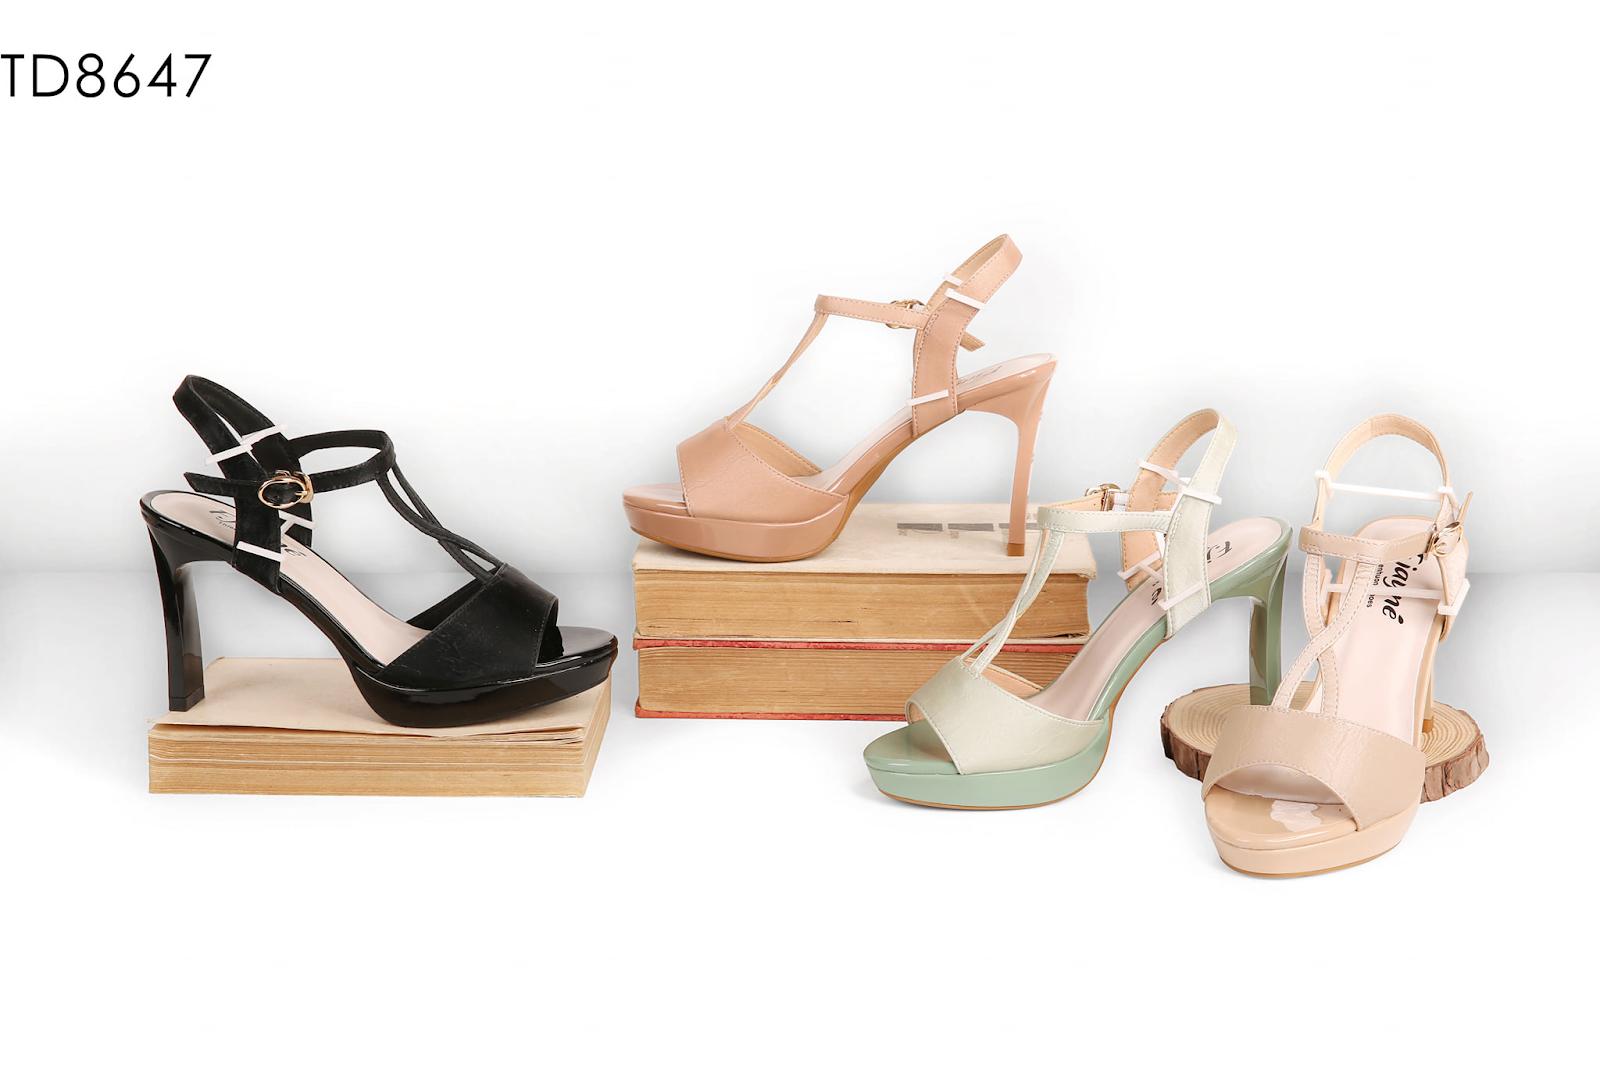 Những mẫu giày tại Thiên Hương luôn được nhiều người yêu thích